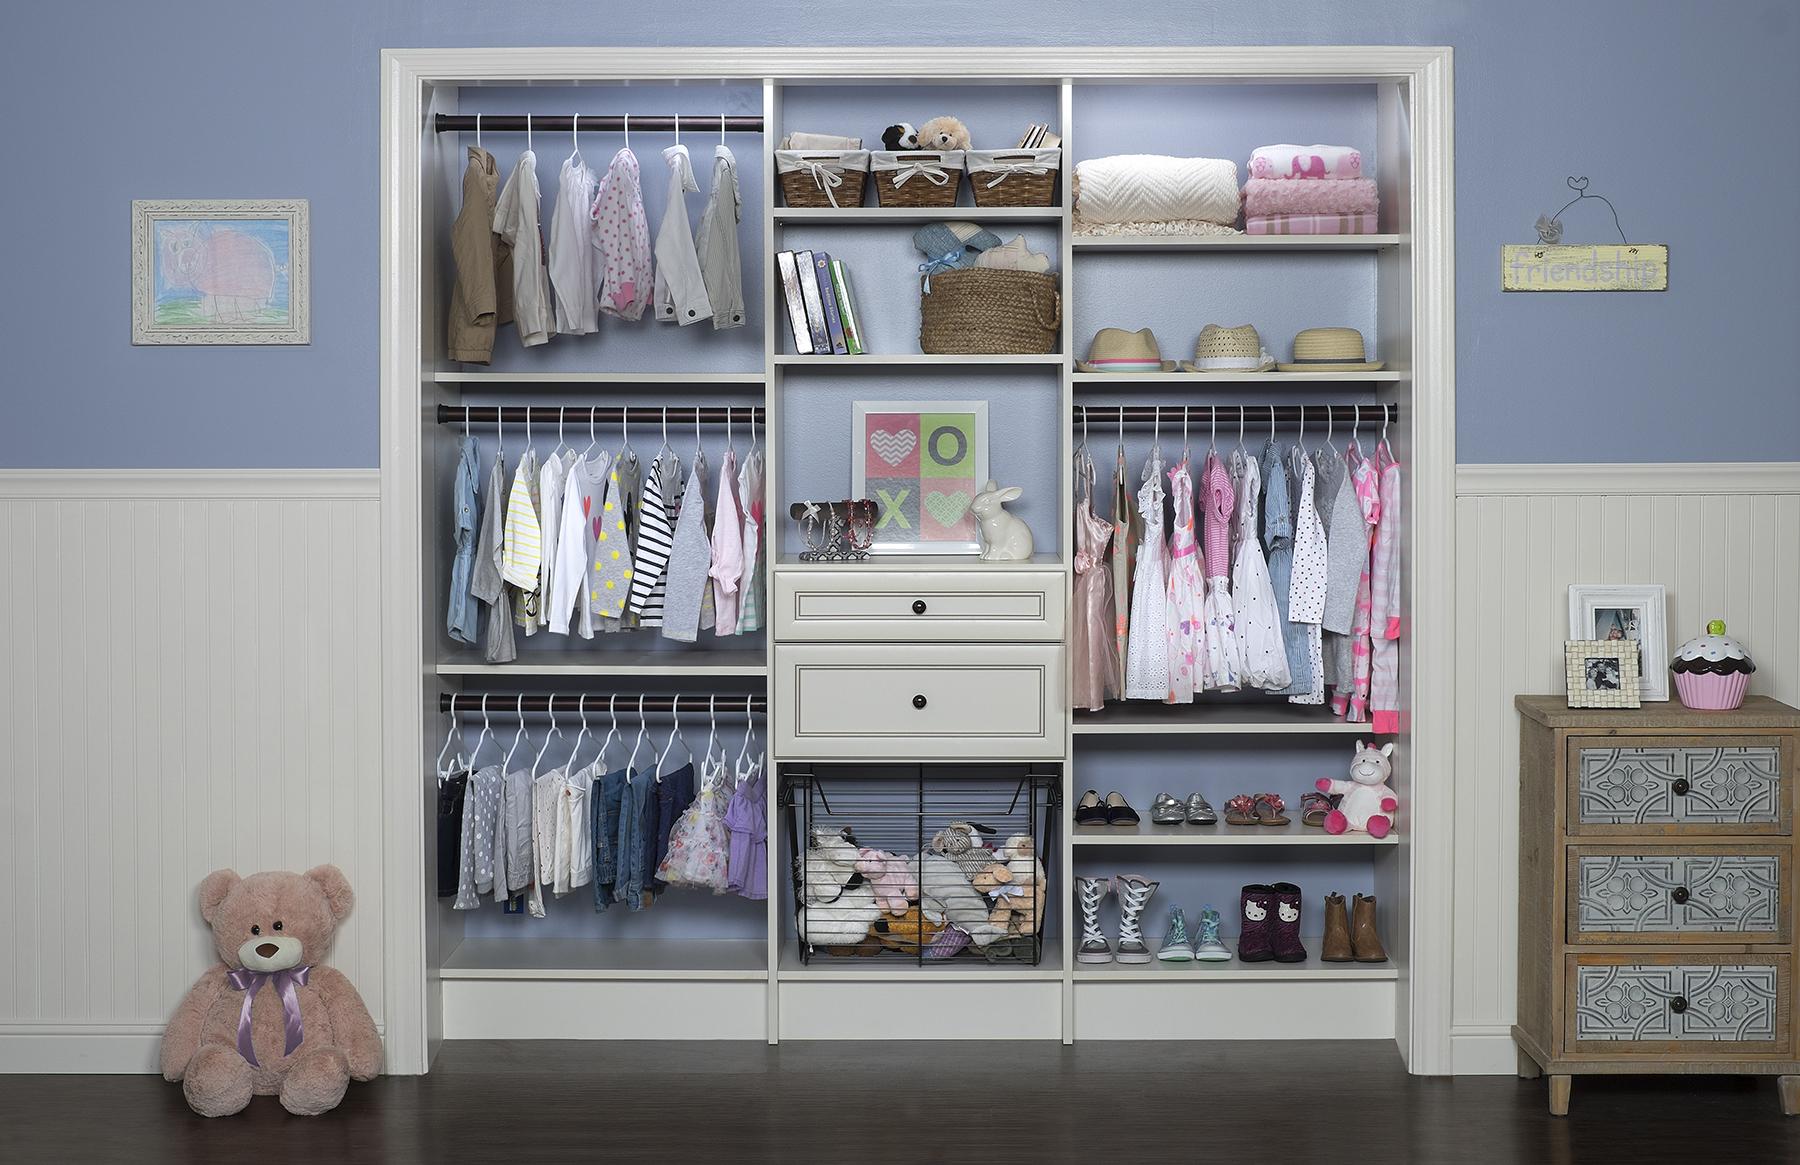 Чтобы каждое утро не искать, что одеть ребенку, развесьте всю одежду на вешалки